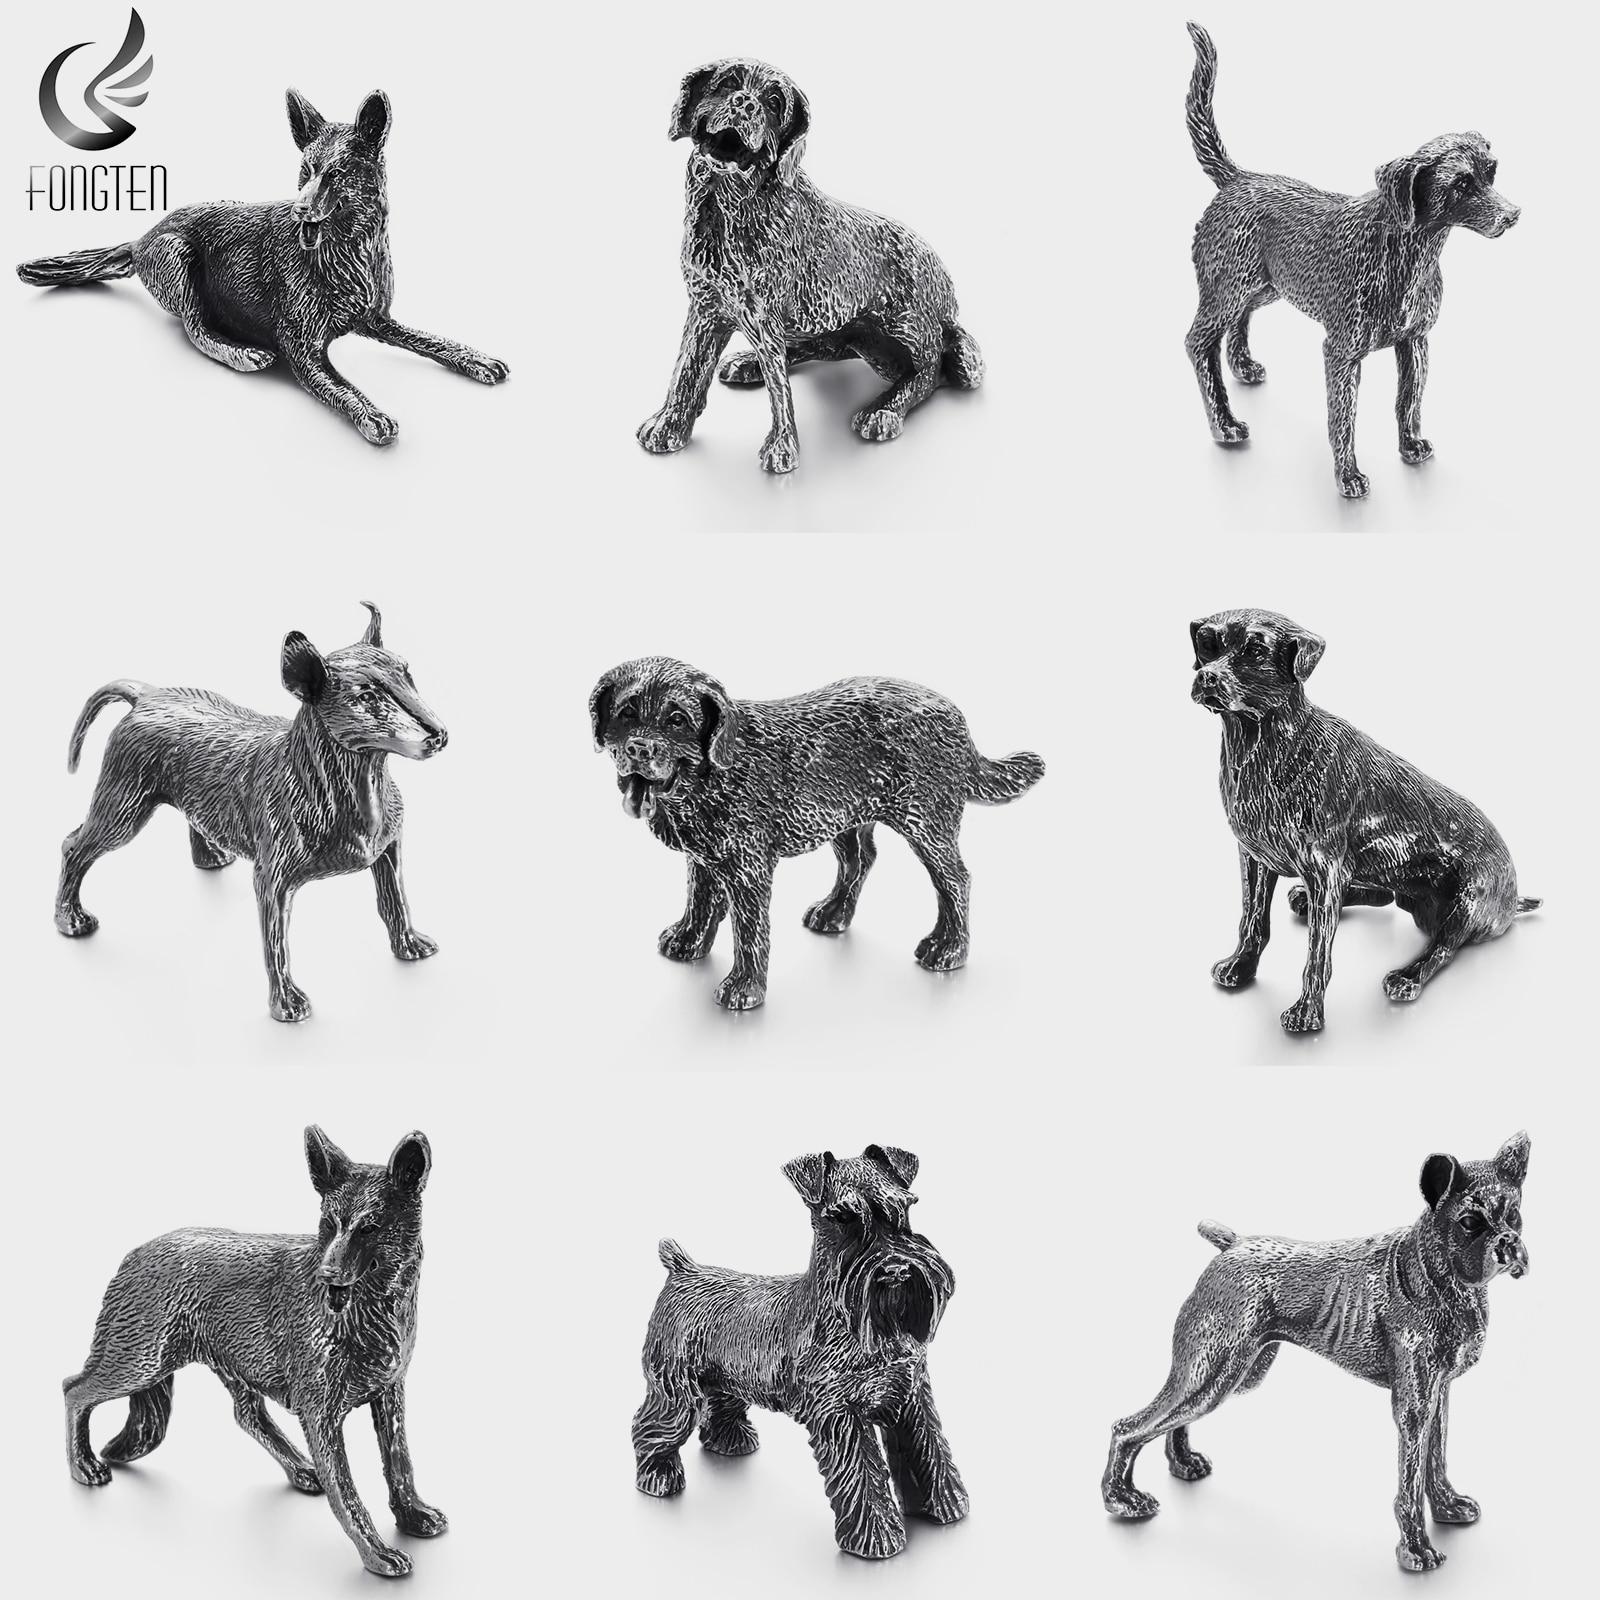 Fongten rétro animaux animaux de compagnie Rottweiler Labrador Beagle Schnauzer chien métal exposition Pet Shop accueil affichage